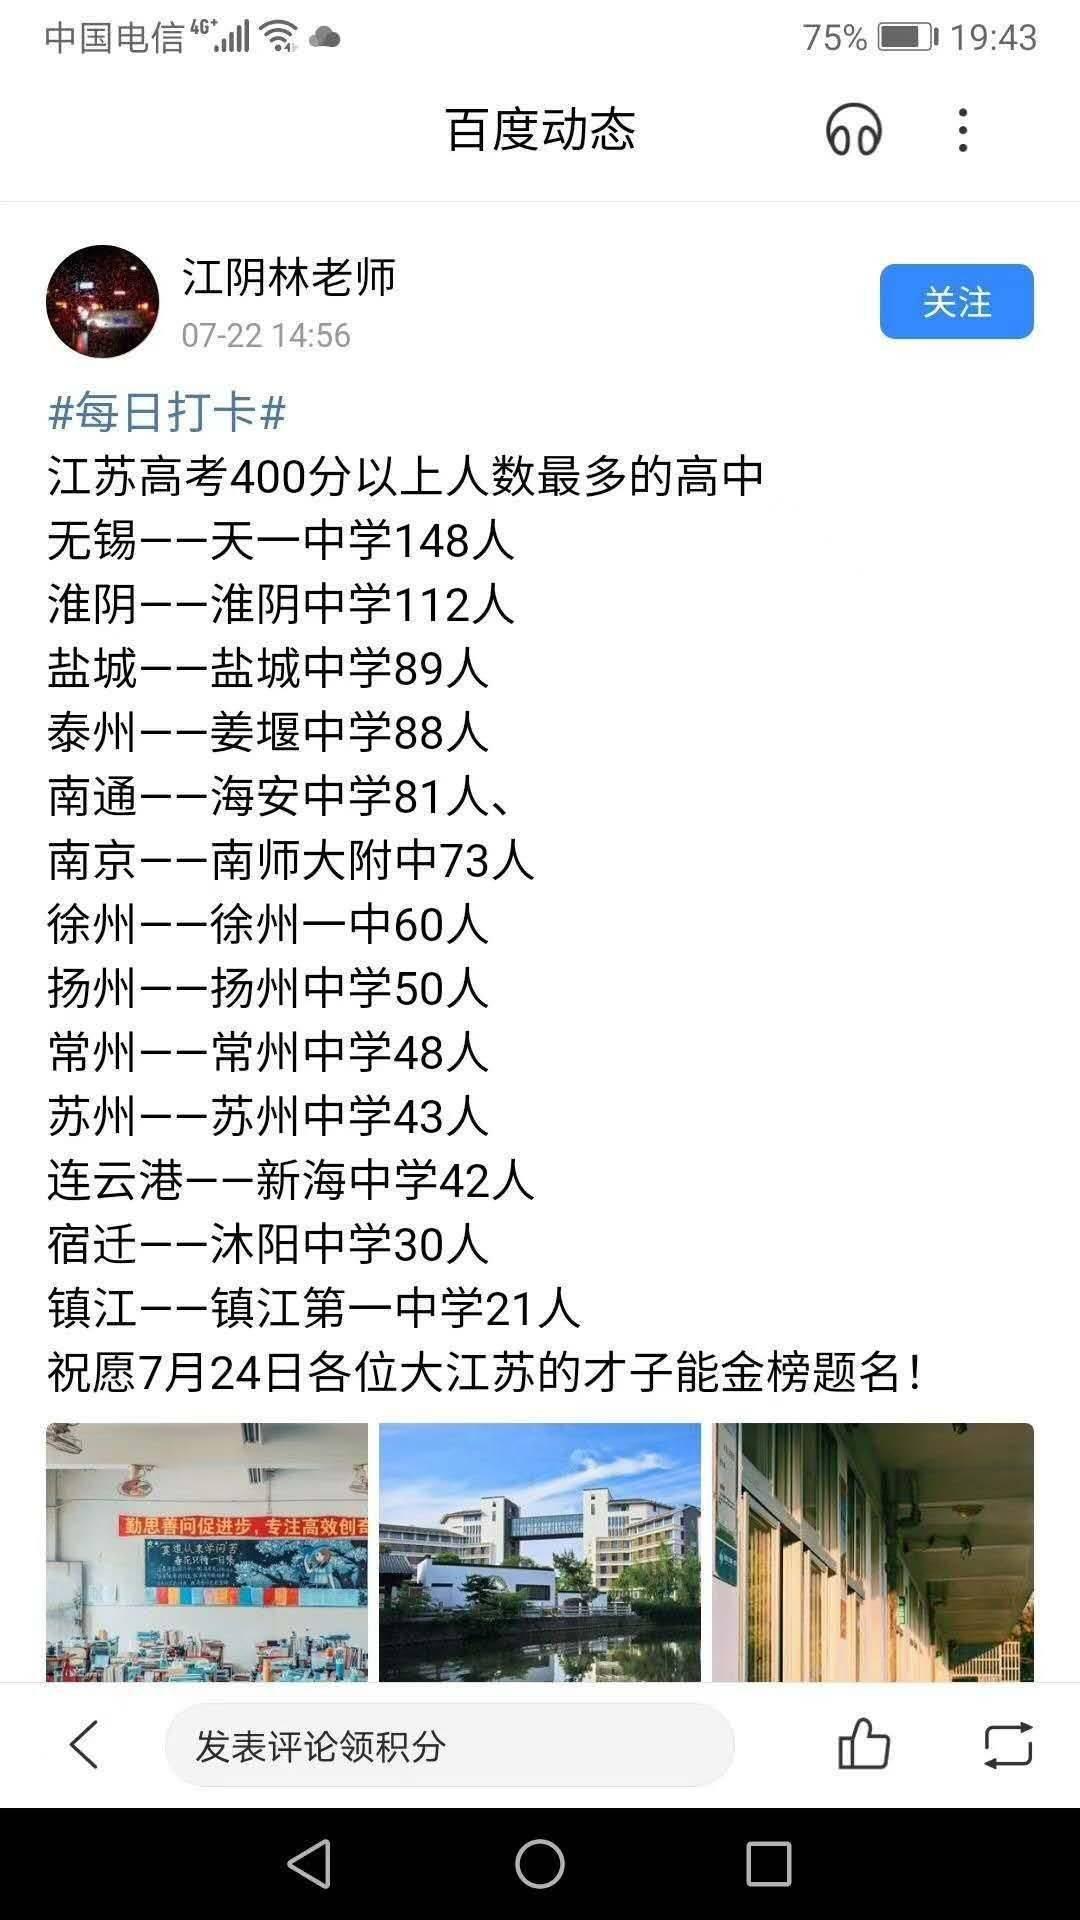 2020-07-24 22.51.29.jpg